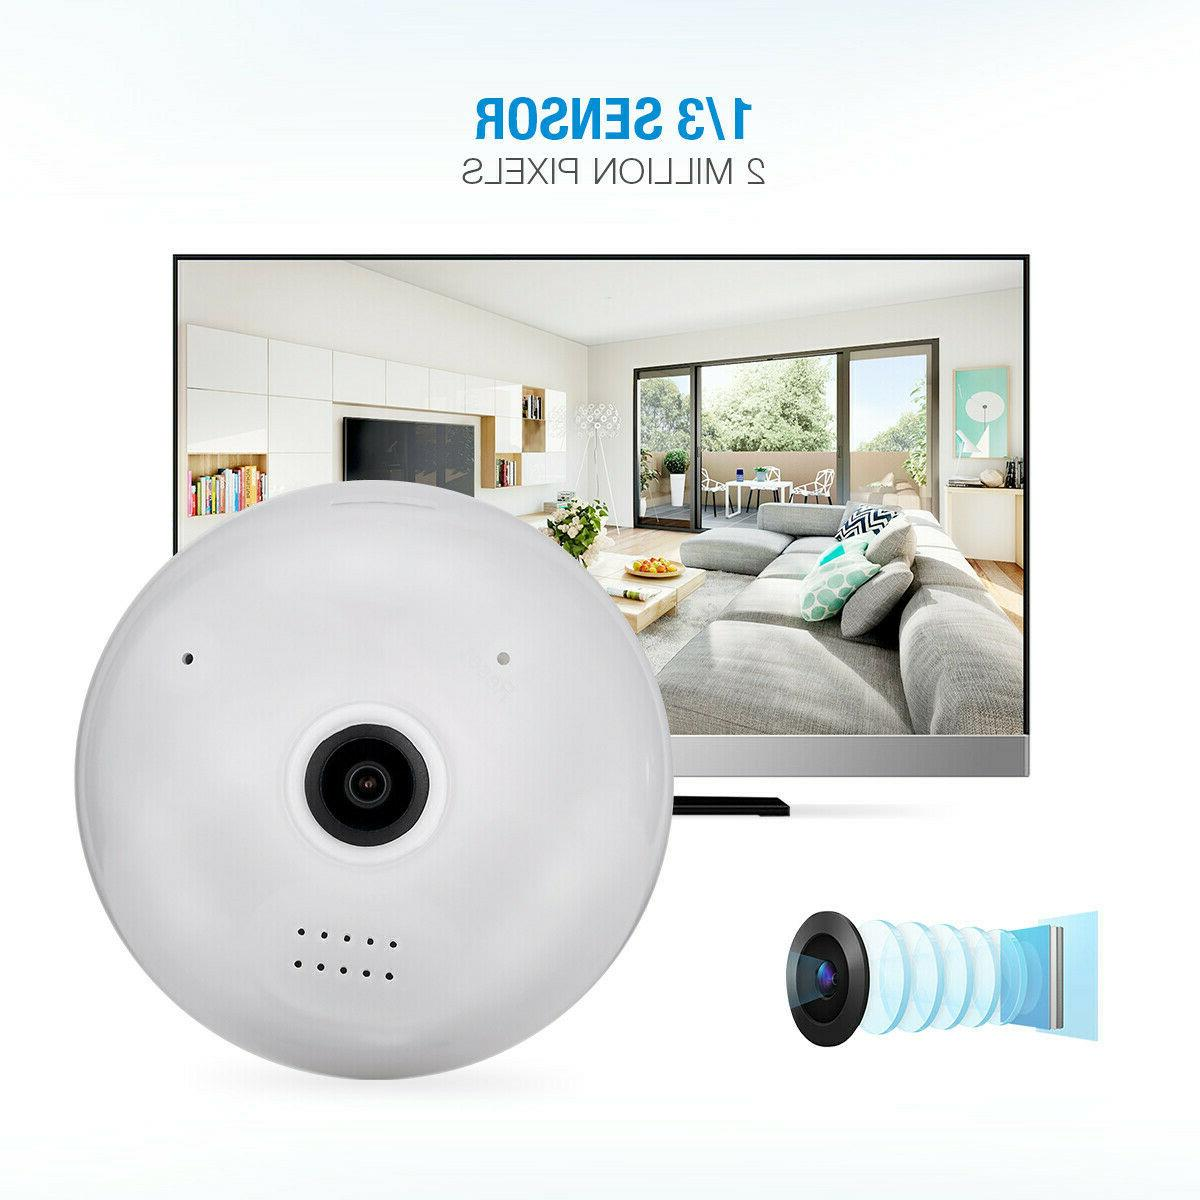 1080P IP Camera Panoramic Fish Eye